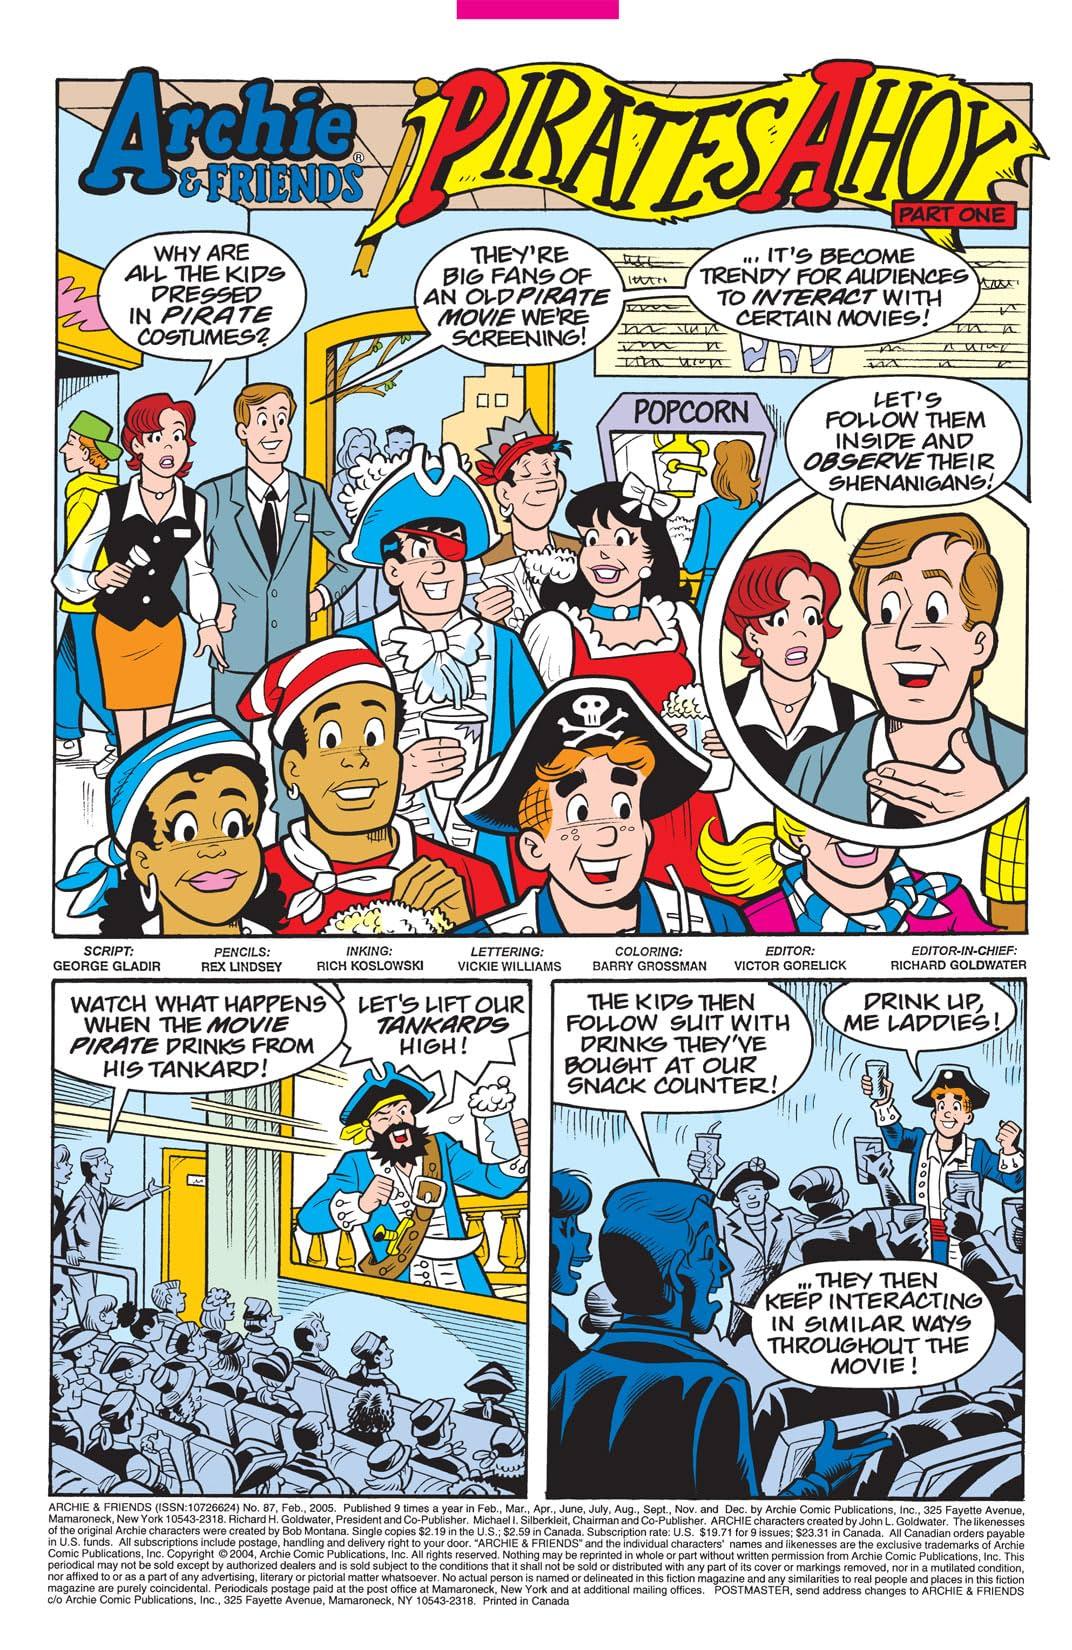 Archie & Friends #87